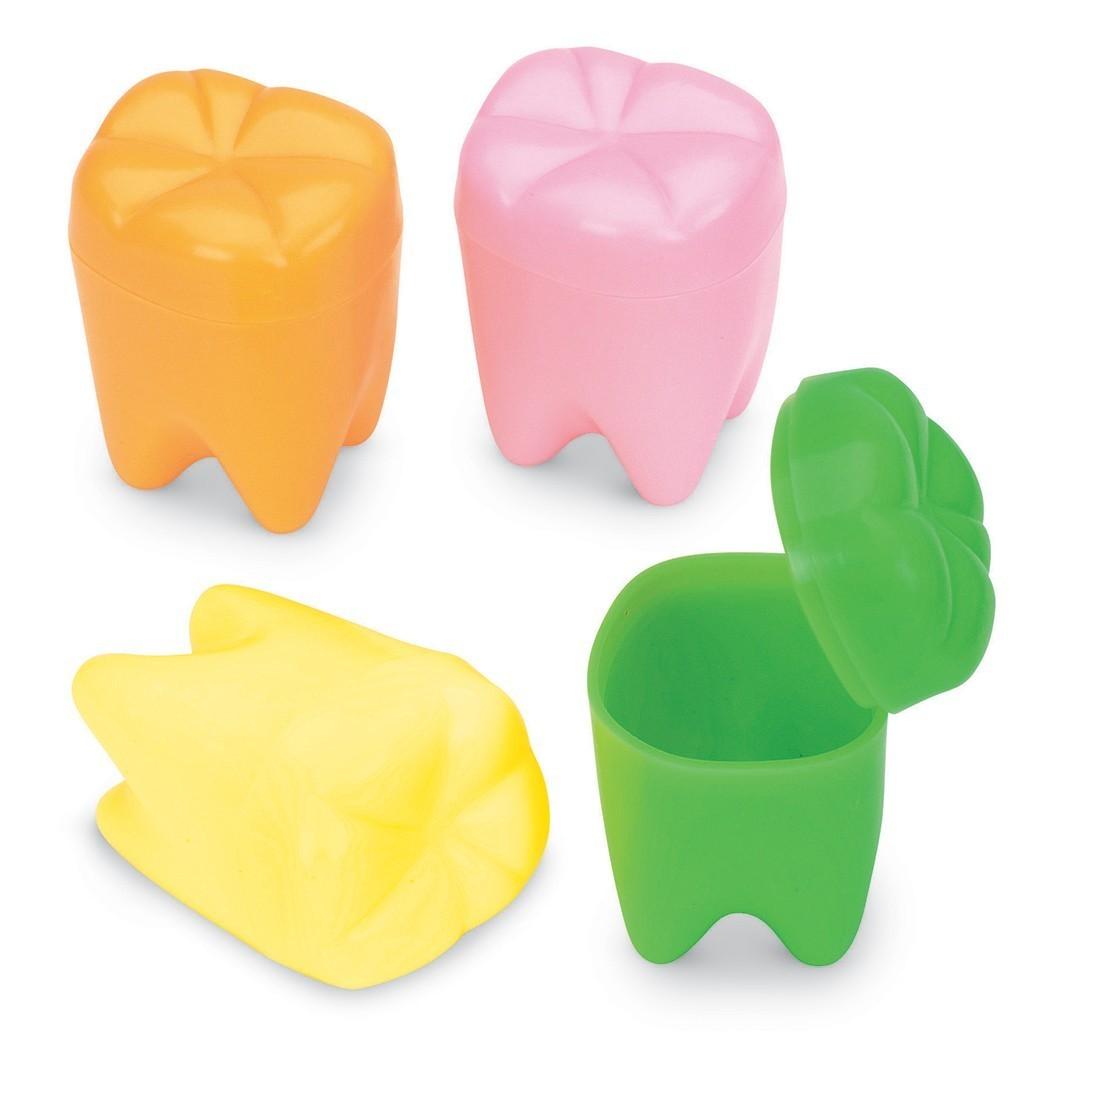 Rainbow Tooth Holders [image]